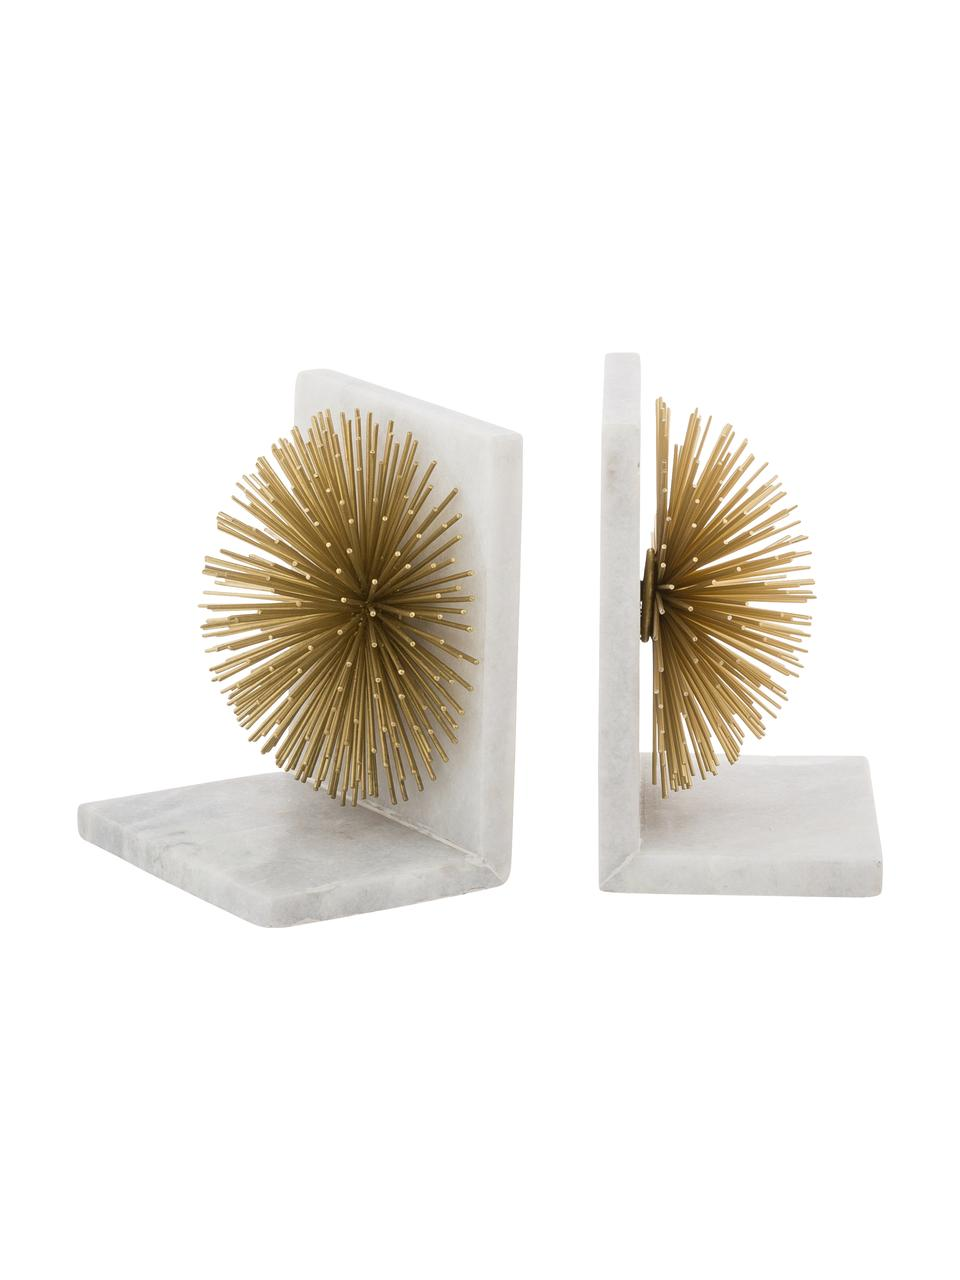 Buchstützen Marburch, 2 Stück, Unterseite: Filz, Buchstützen: Weißer Marmor, Detail: Goldfarben, Unterseite: Filz, 14 x 17 cm